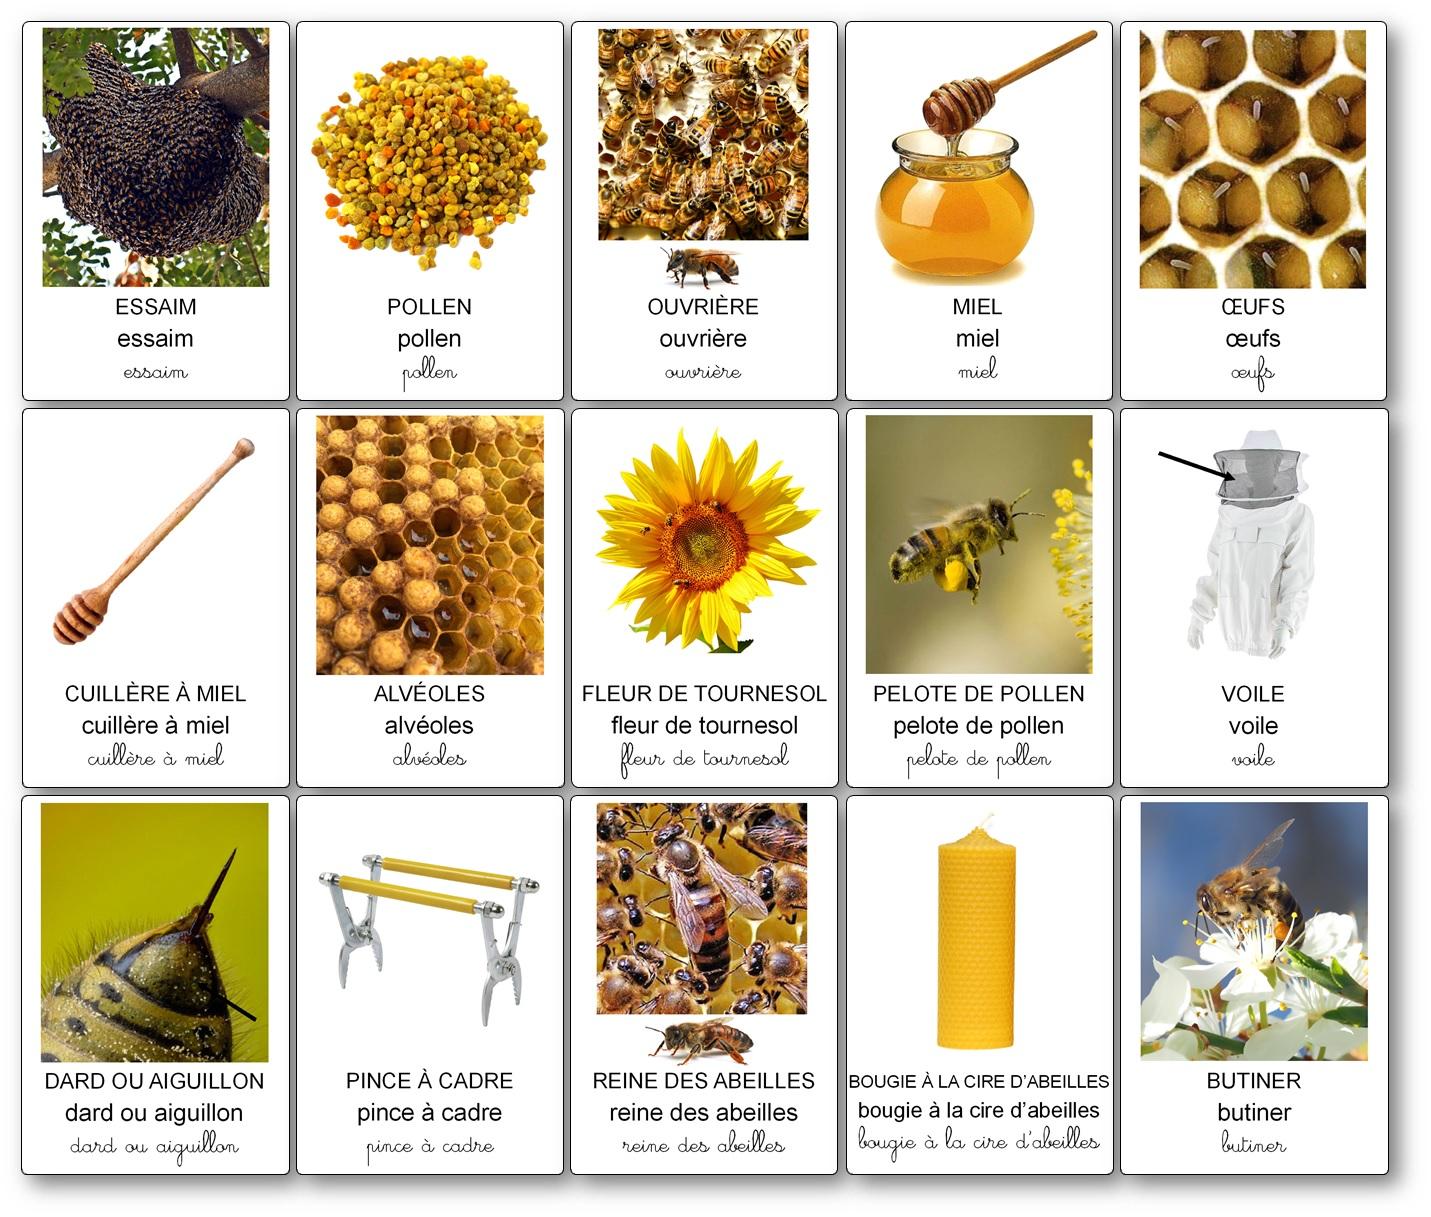 Imagier des abeilles apiculture maternelle, imagier abeilles